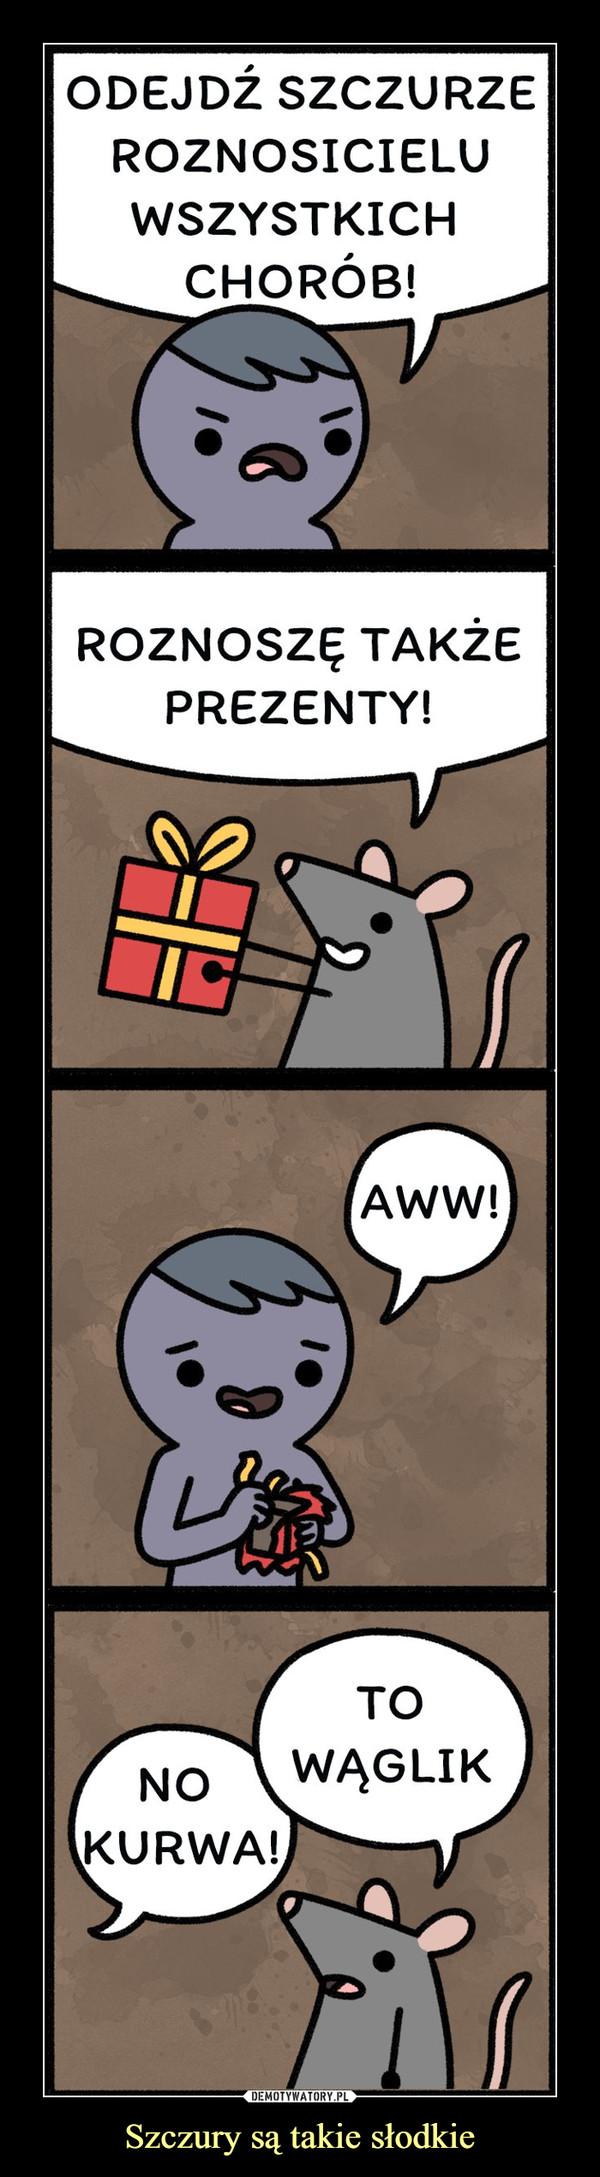 Szczury są takie słodkie –  Odejdź szczurze roznosicielu wszystkich chorób Roznosze także prezenty Aww To wąglik no kurwa